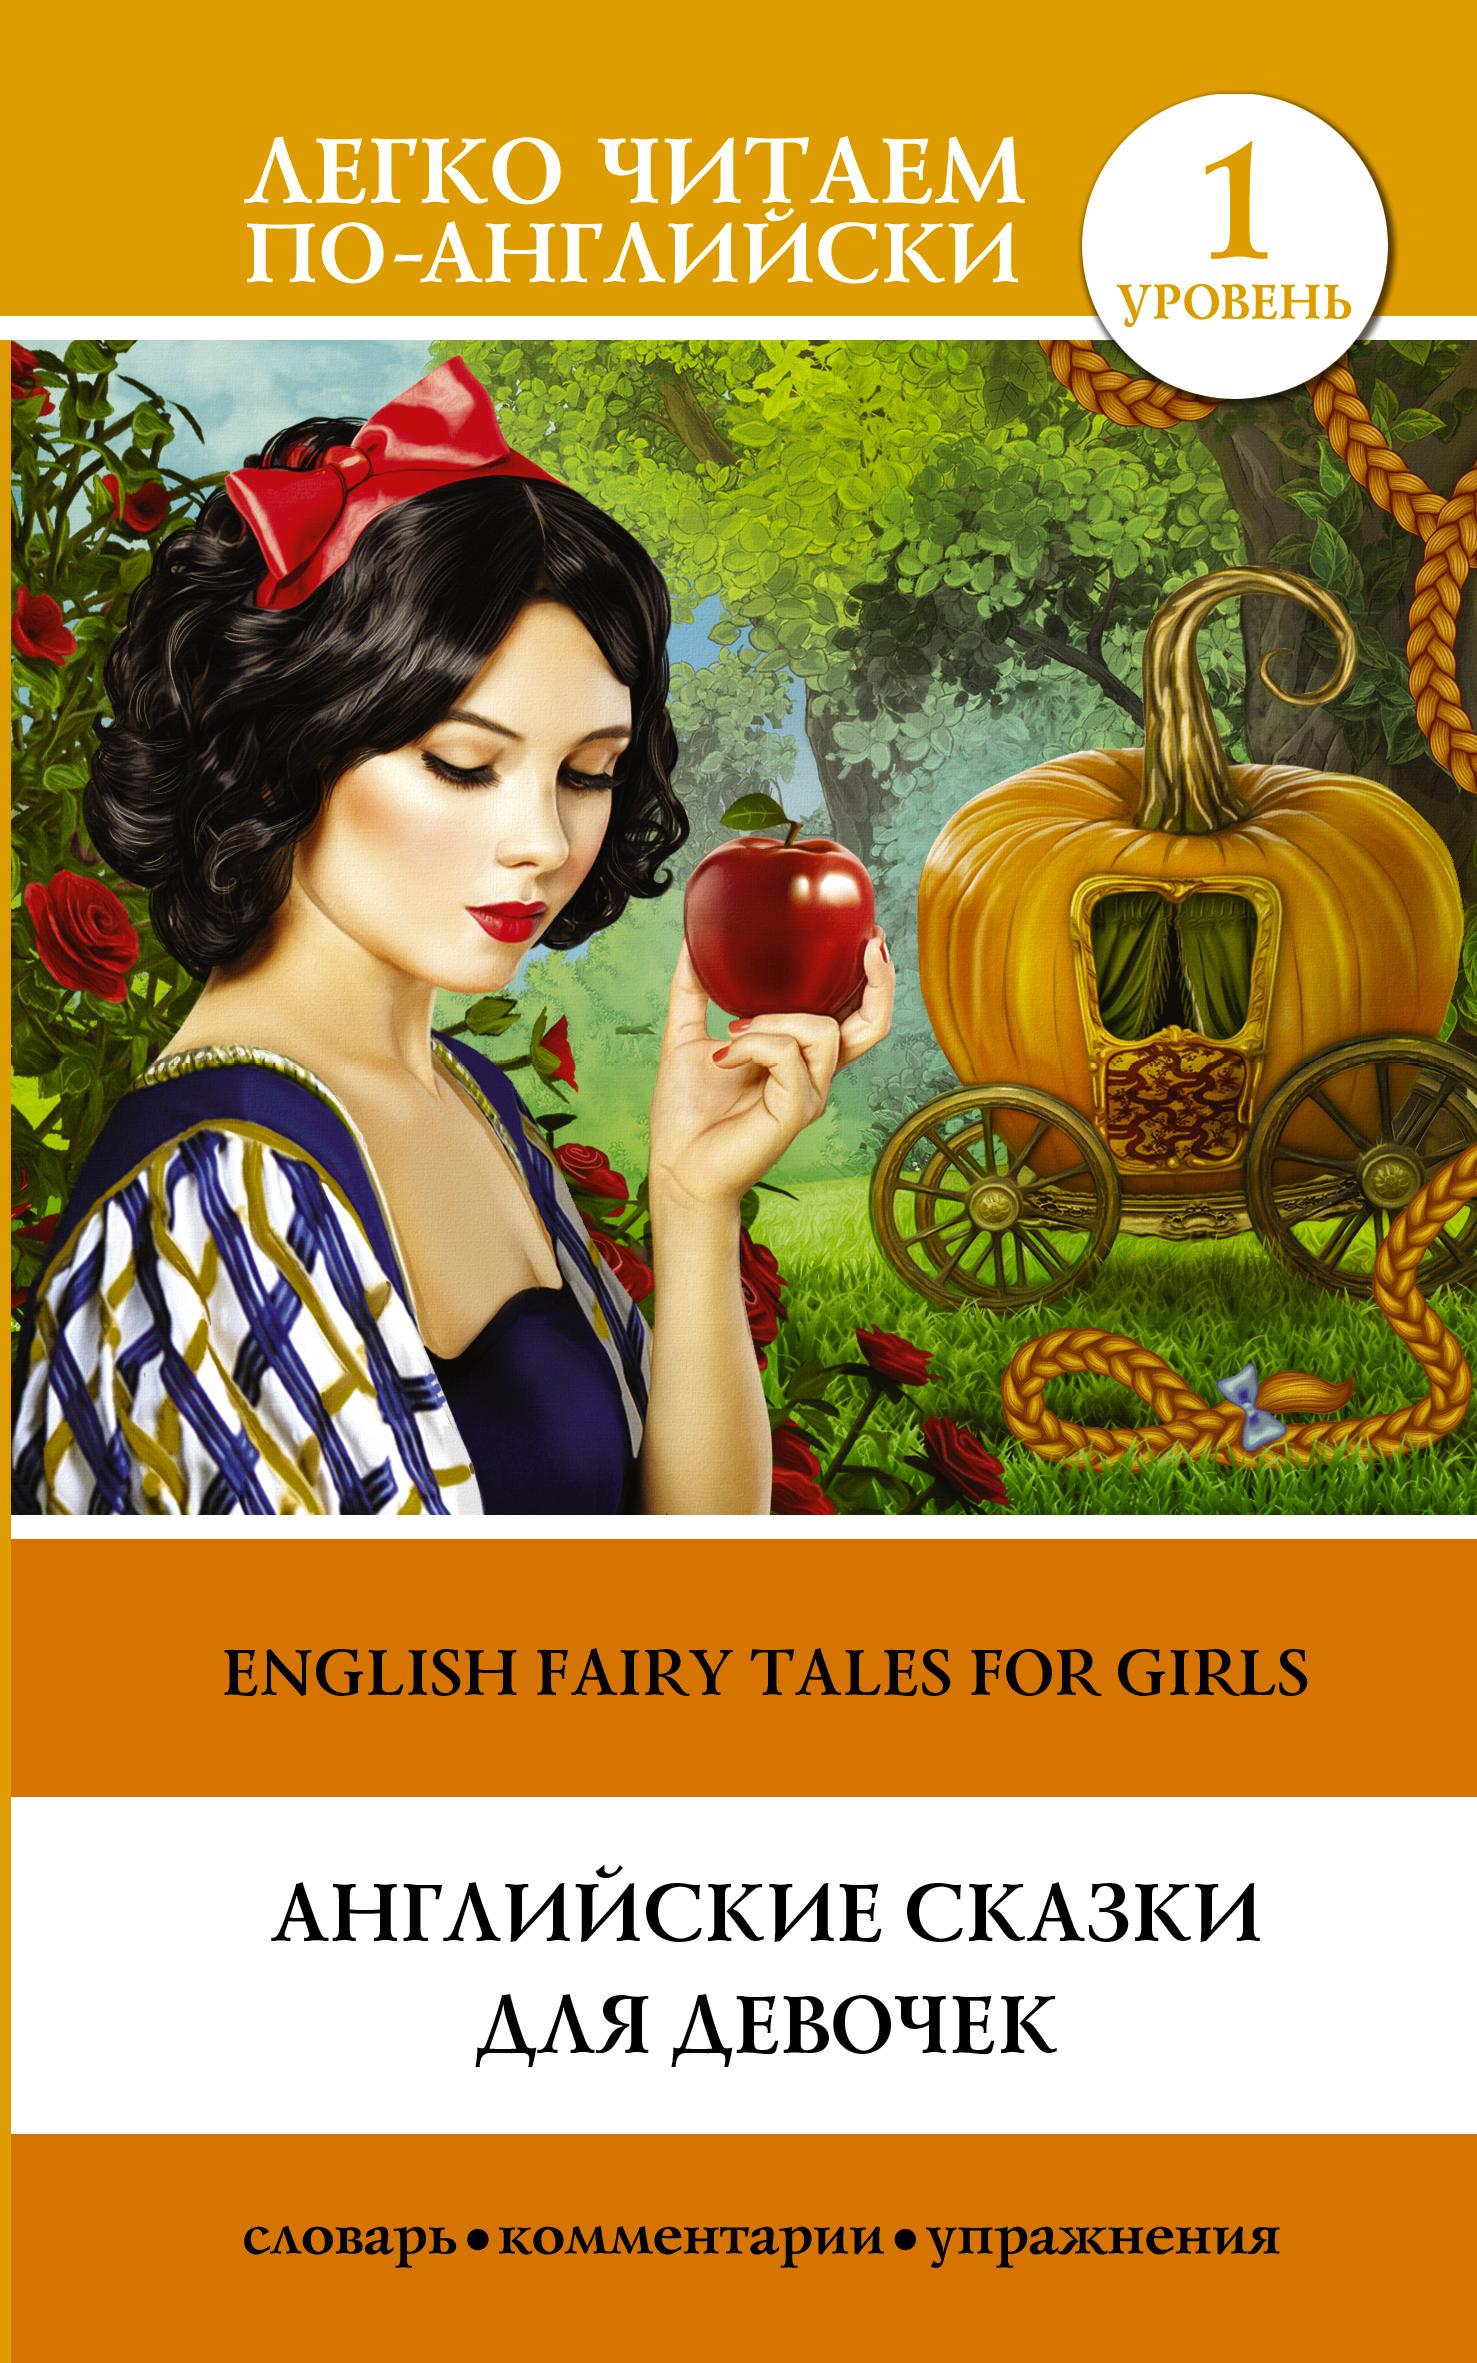 . Английские сказки для девочек. Уровень 1 валентин дикуль упражнения для позвоночника для тех кто в пути